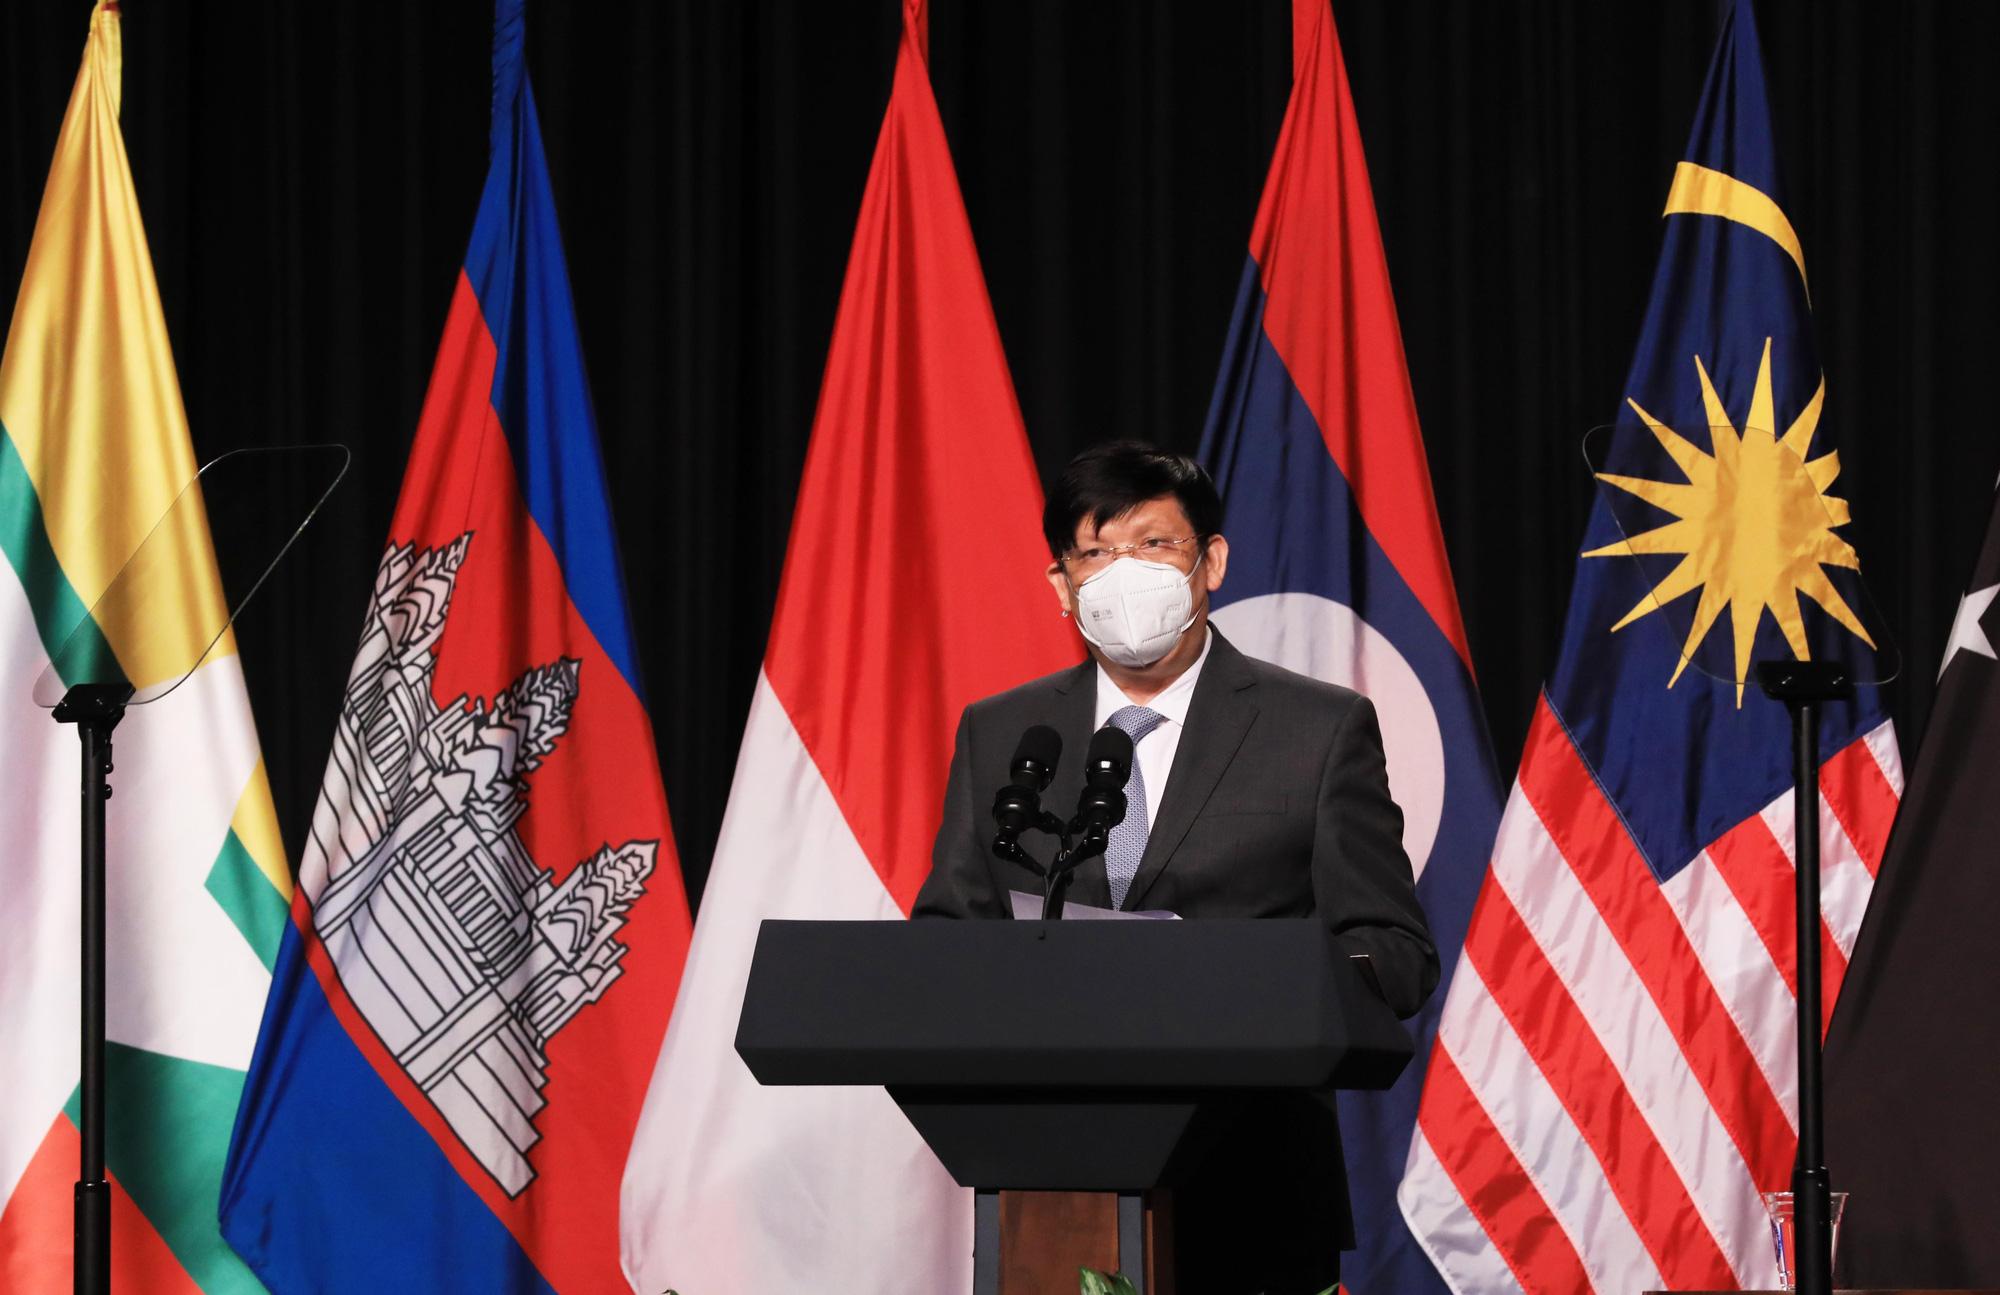 Khai trương Văn phòng CDC khu vực Đông Nam Á tại Hà Nội: Nâng cao năng lực ứng phó các bệnh truyền nhiễm - Ảnh 4.